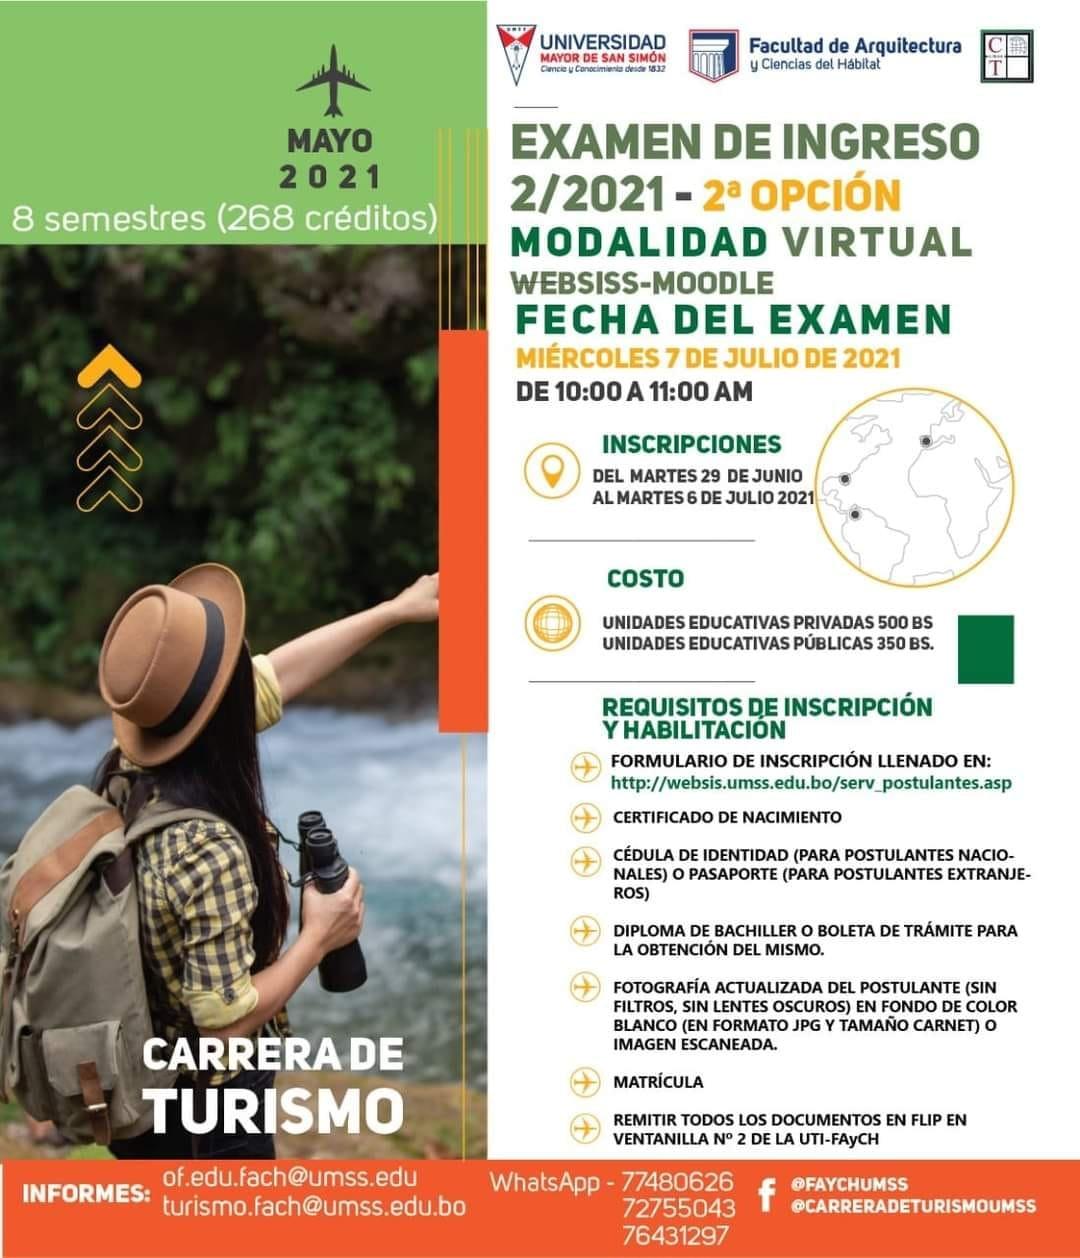 ADMISIÓN GESTIÓN 2-2021 segunda opción CARRERA DE TURISMO MODALIDAD VIRTUAL